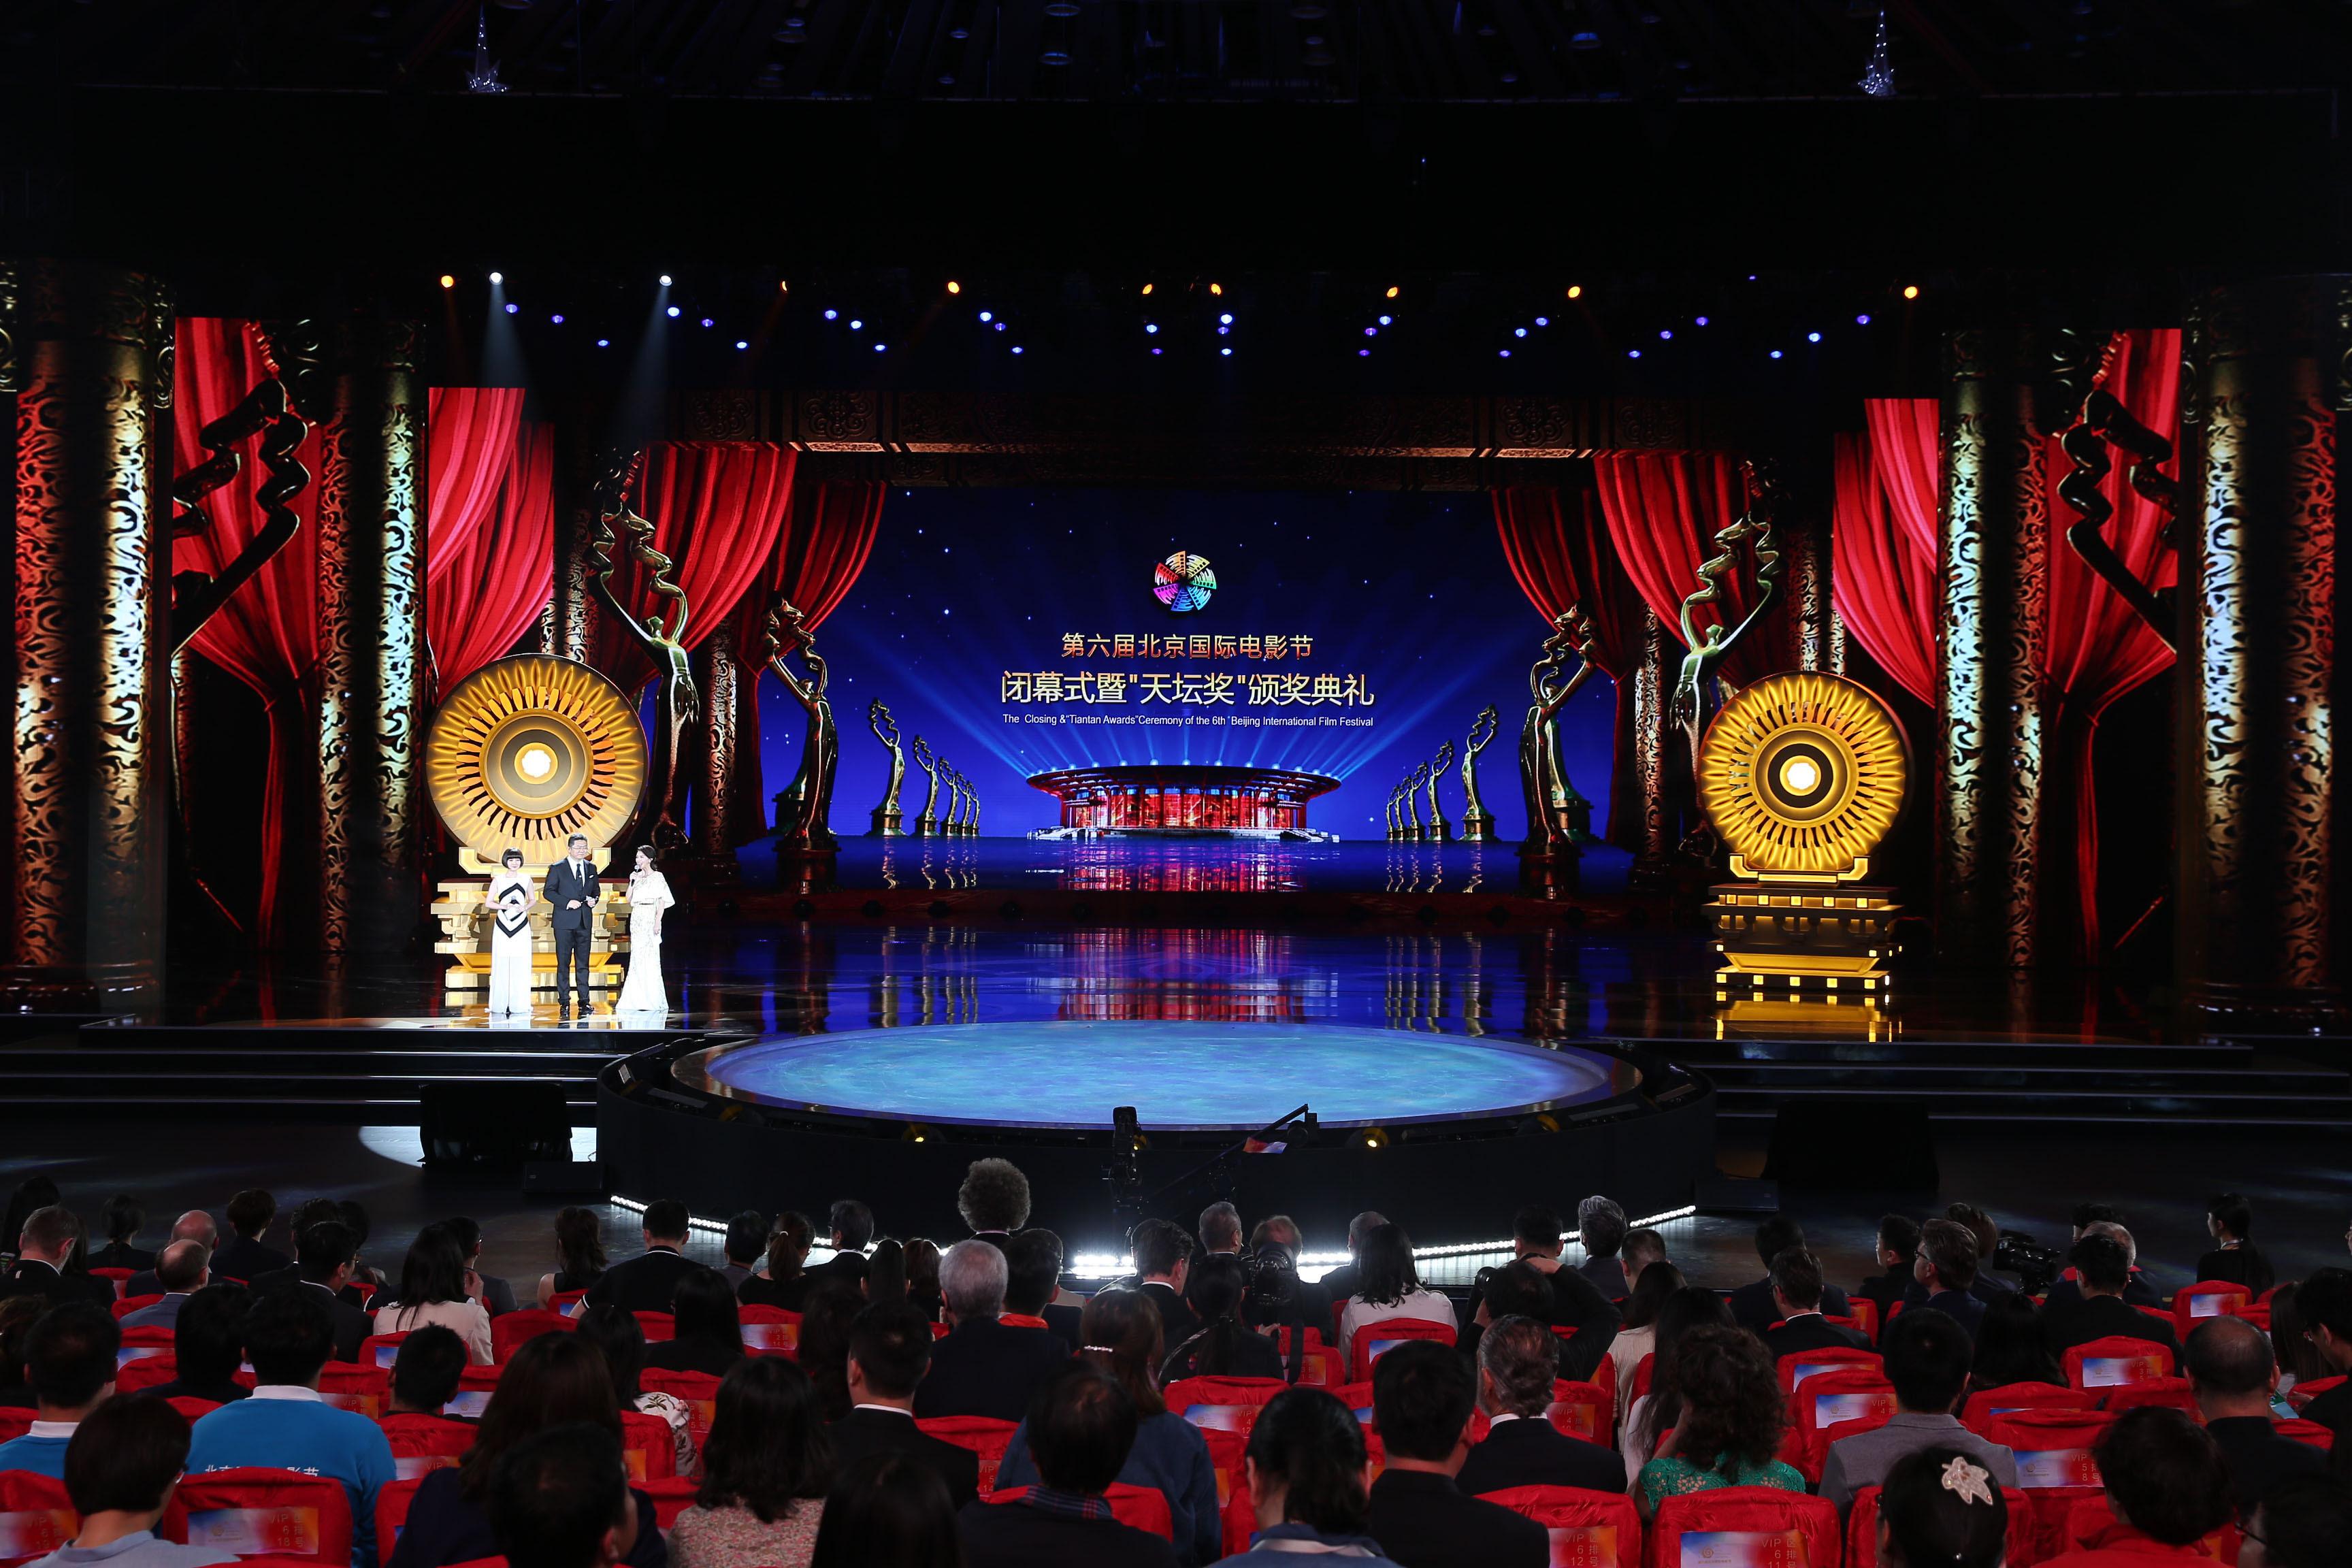 2016年4月23日,第六届北京国际电影节闭幕式暨颁奖典礼举行.图片